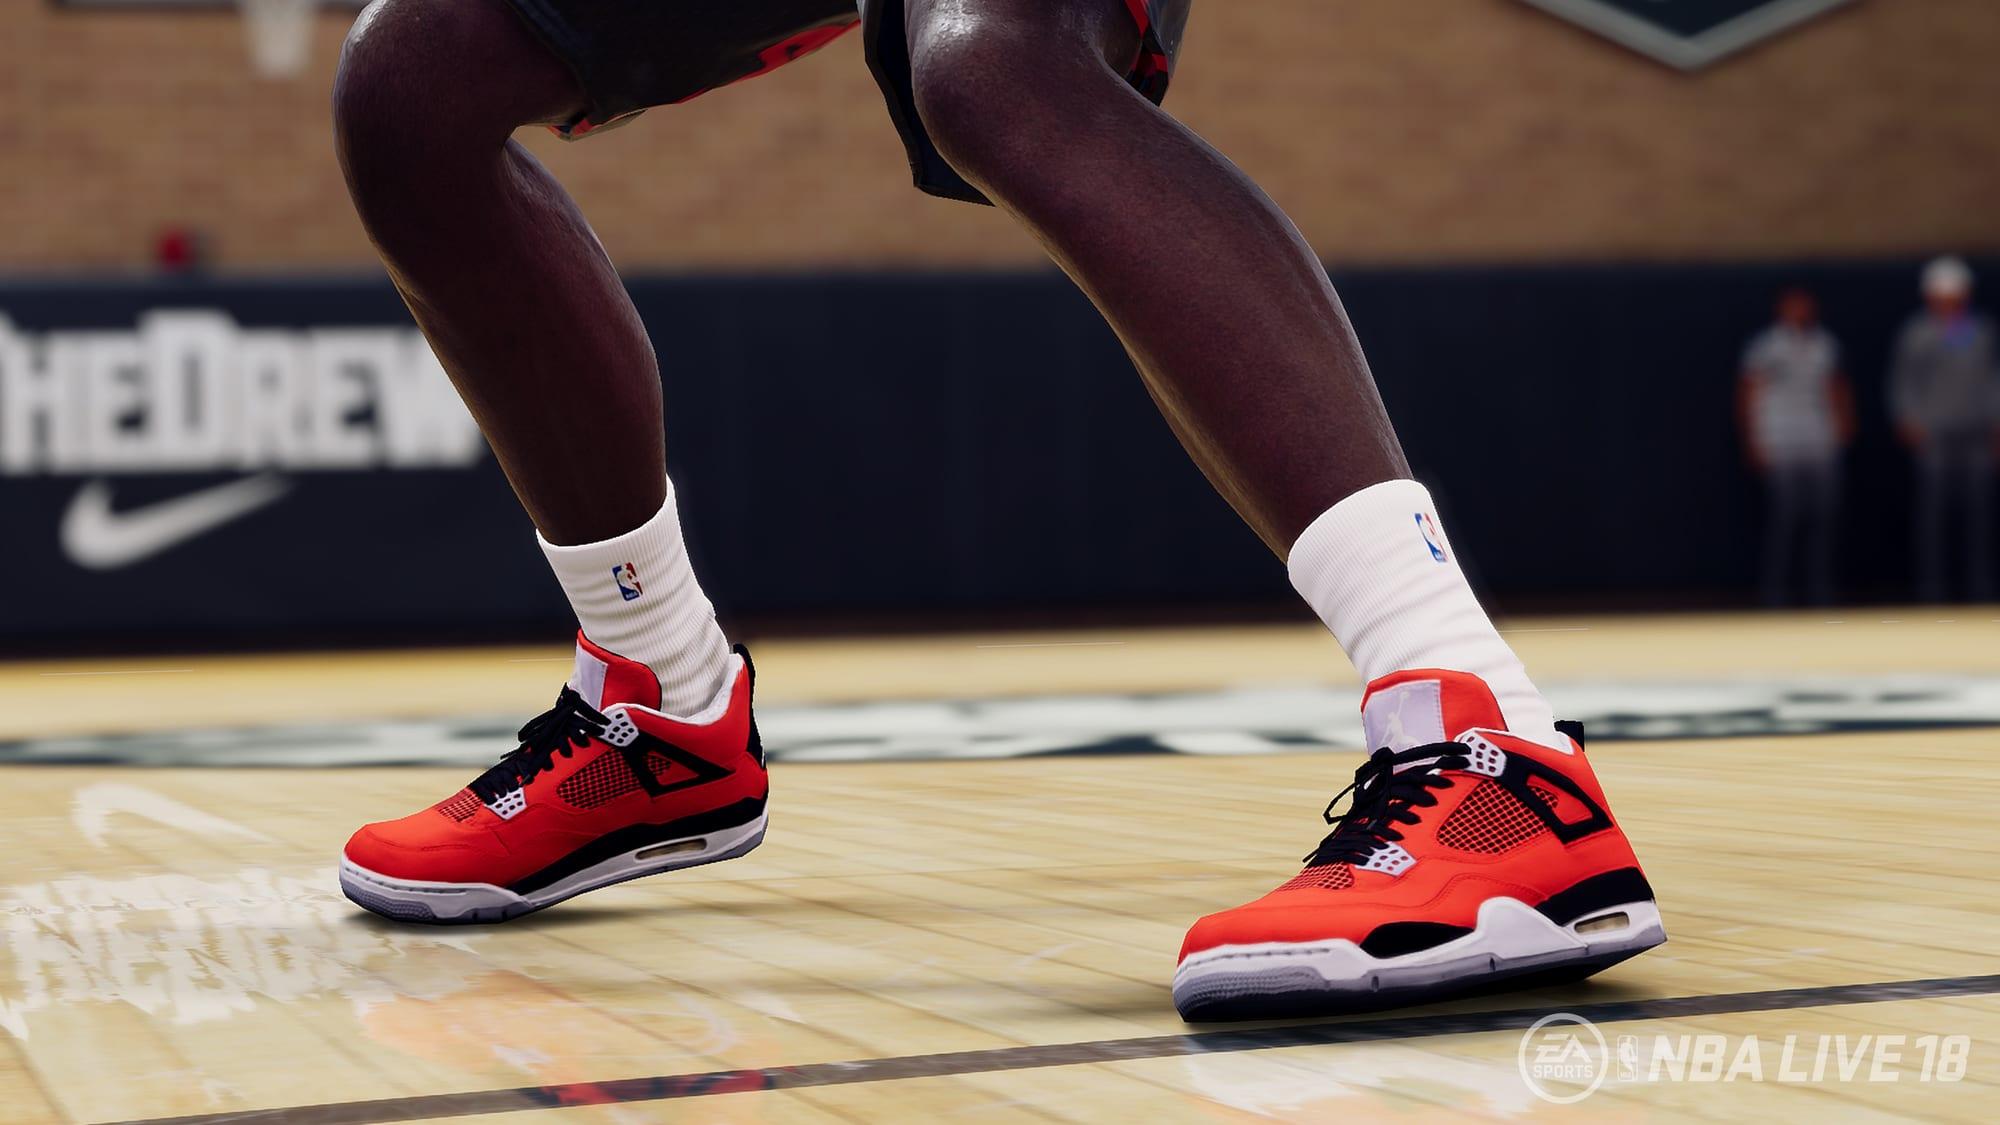 Jordan Shoes Nike Park